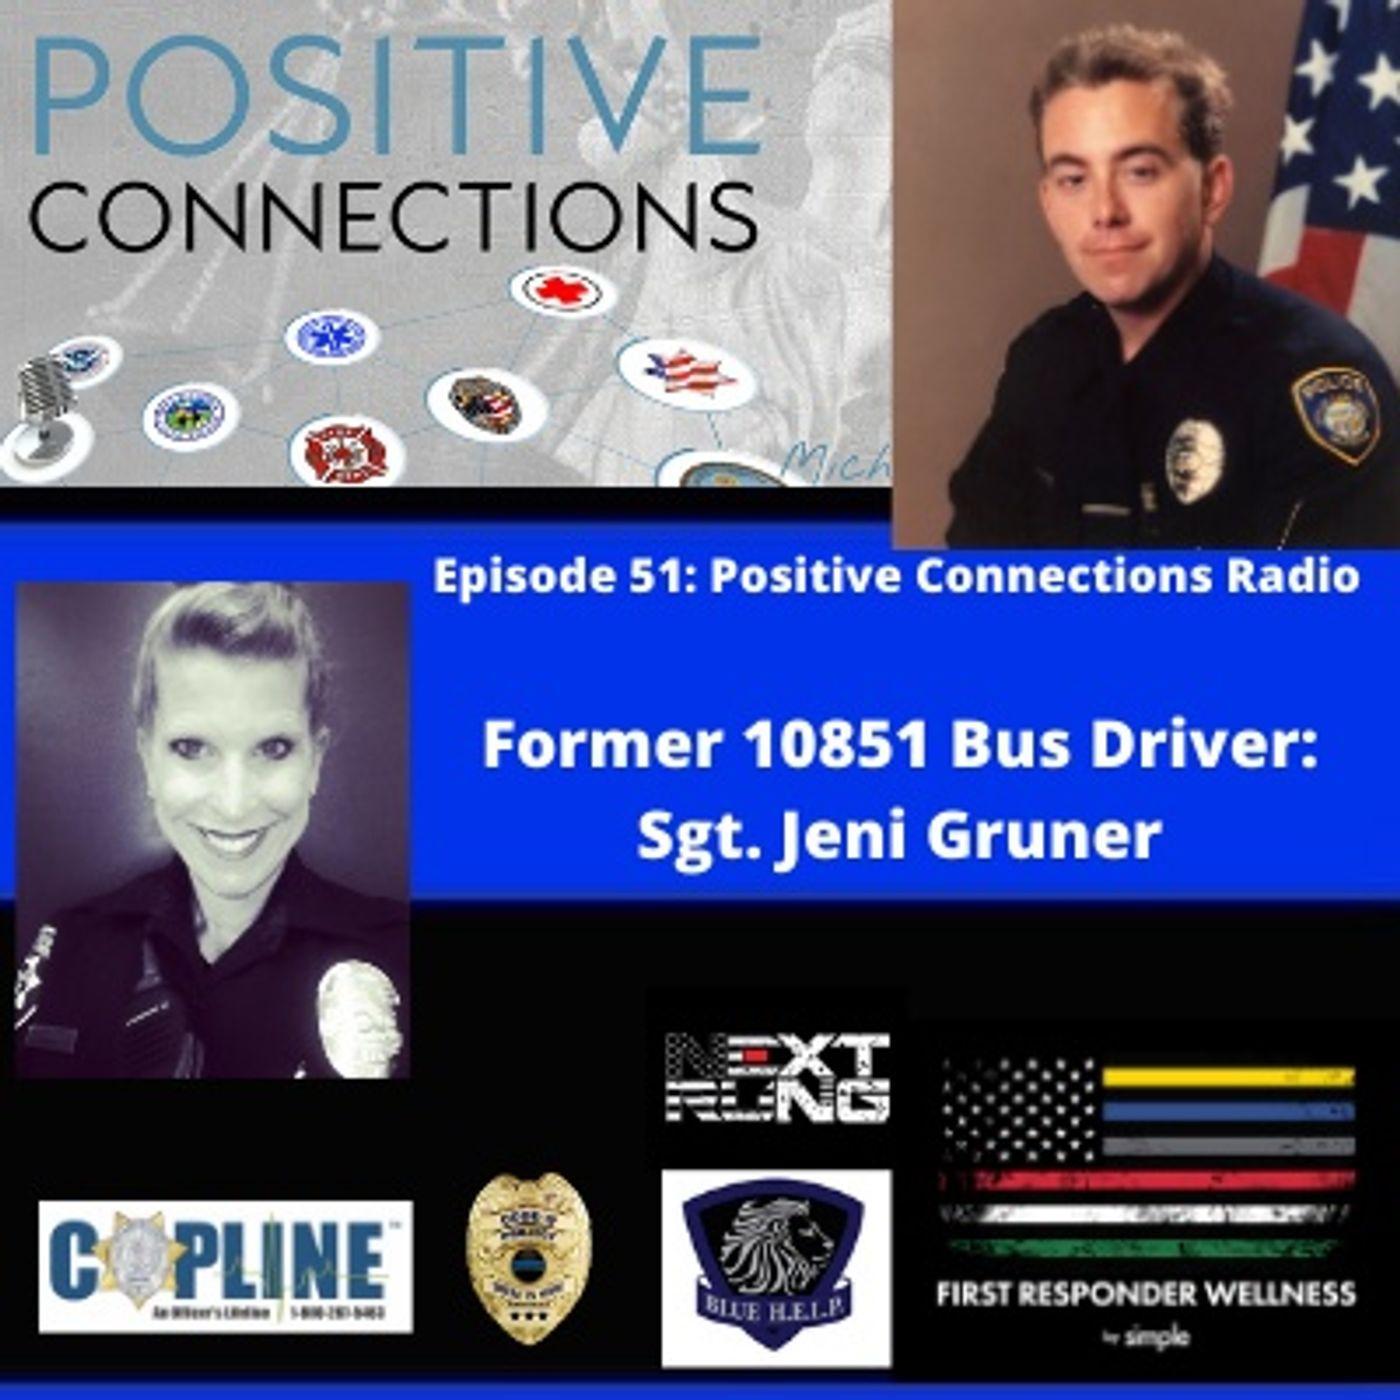 Former 10851 Bus Driver: Sgt. Jeni Gruner